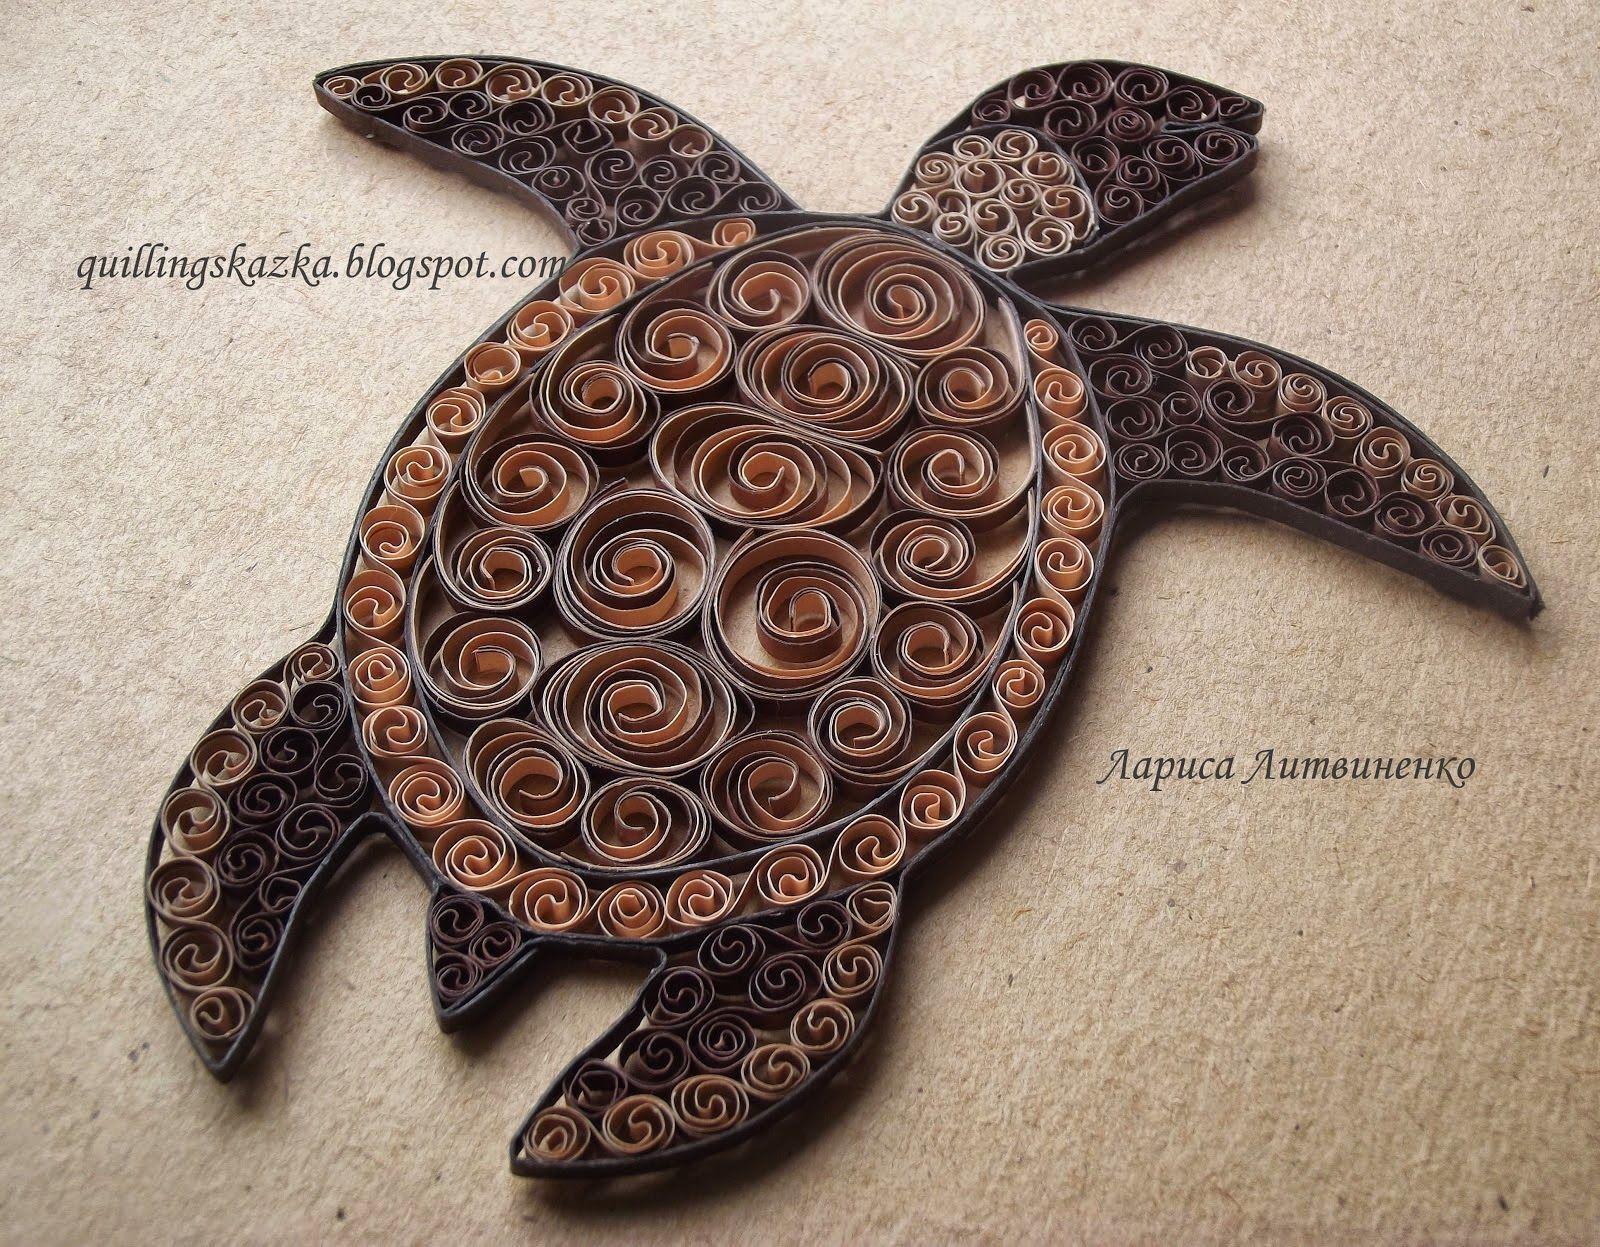 Schildkröte | Qilling | Pinterest | Schildkröten, Deko basteln und ...